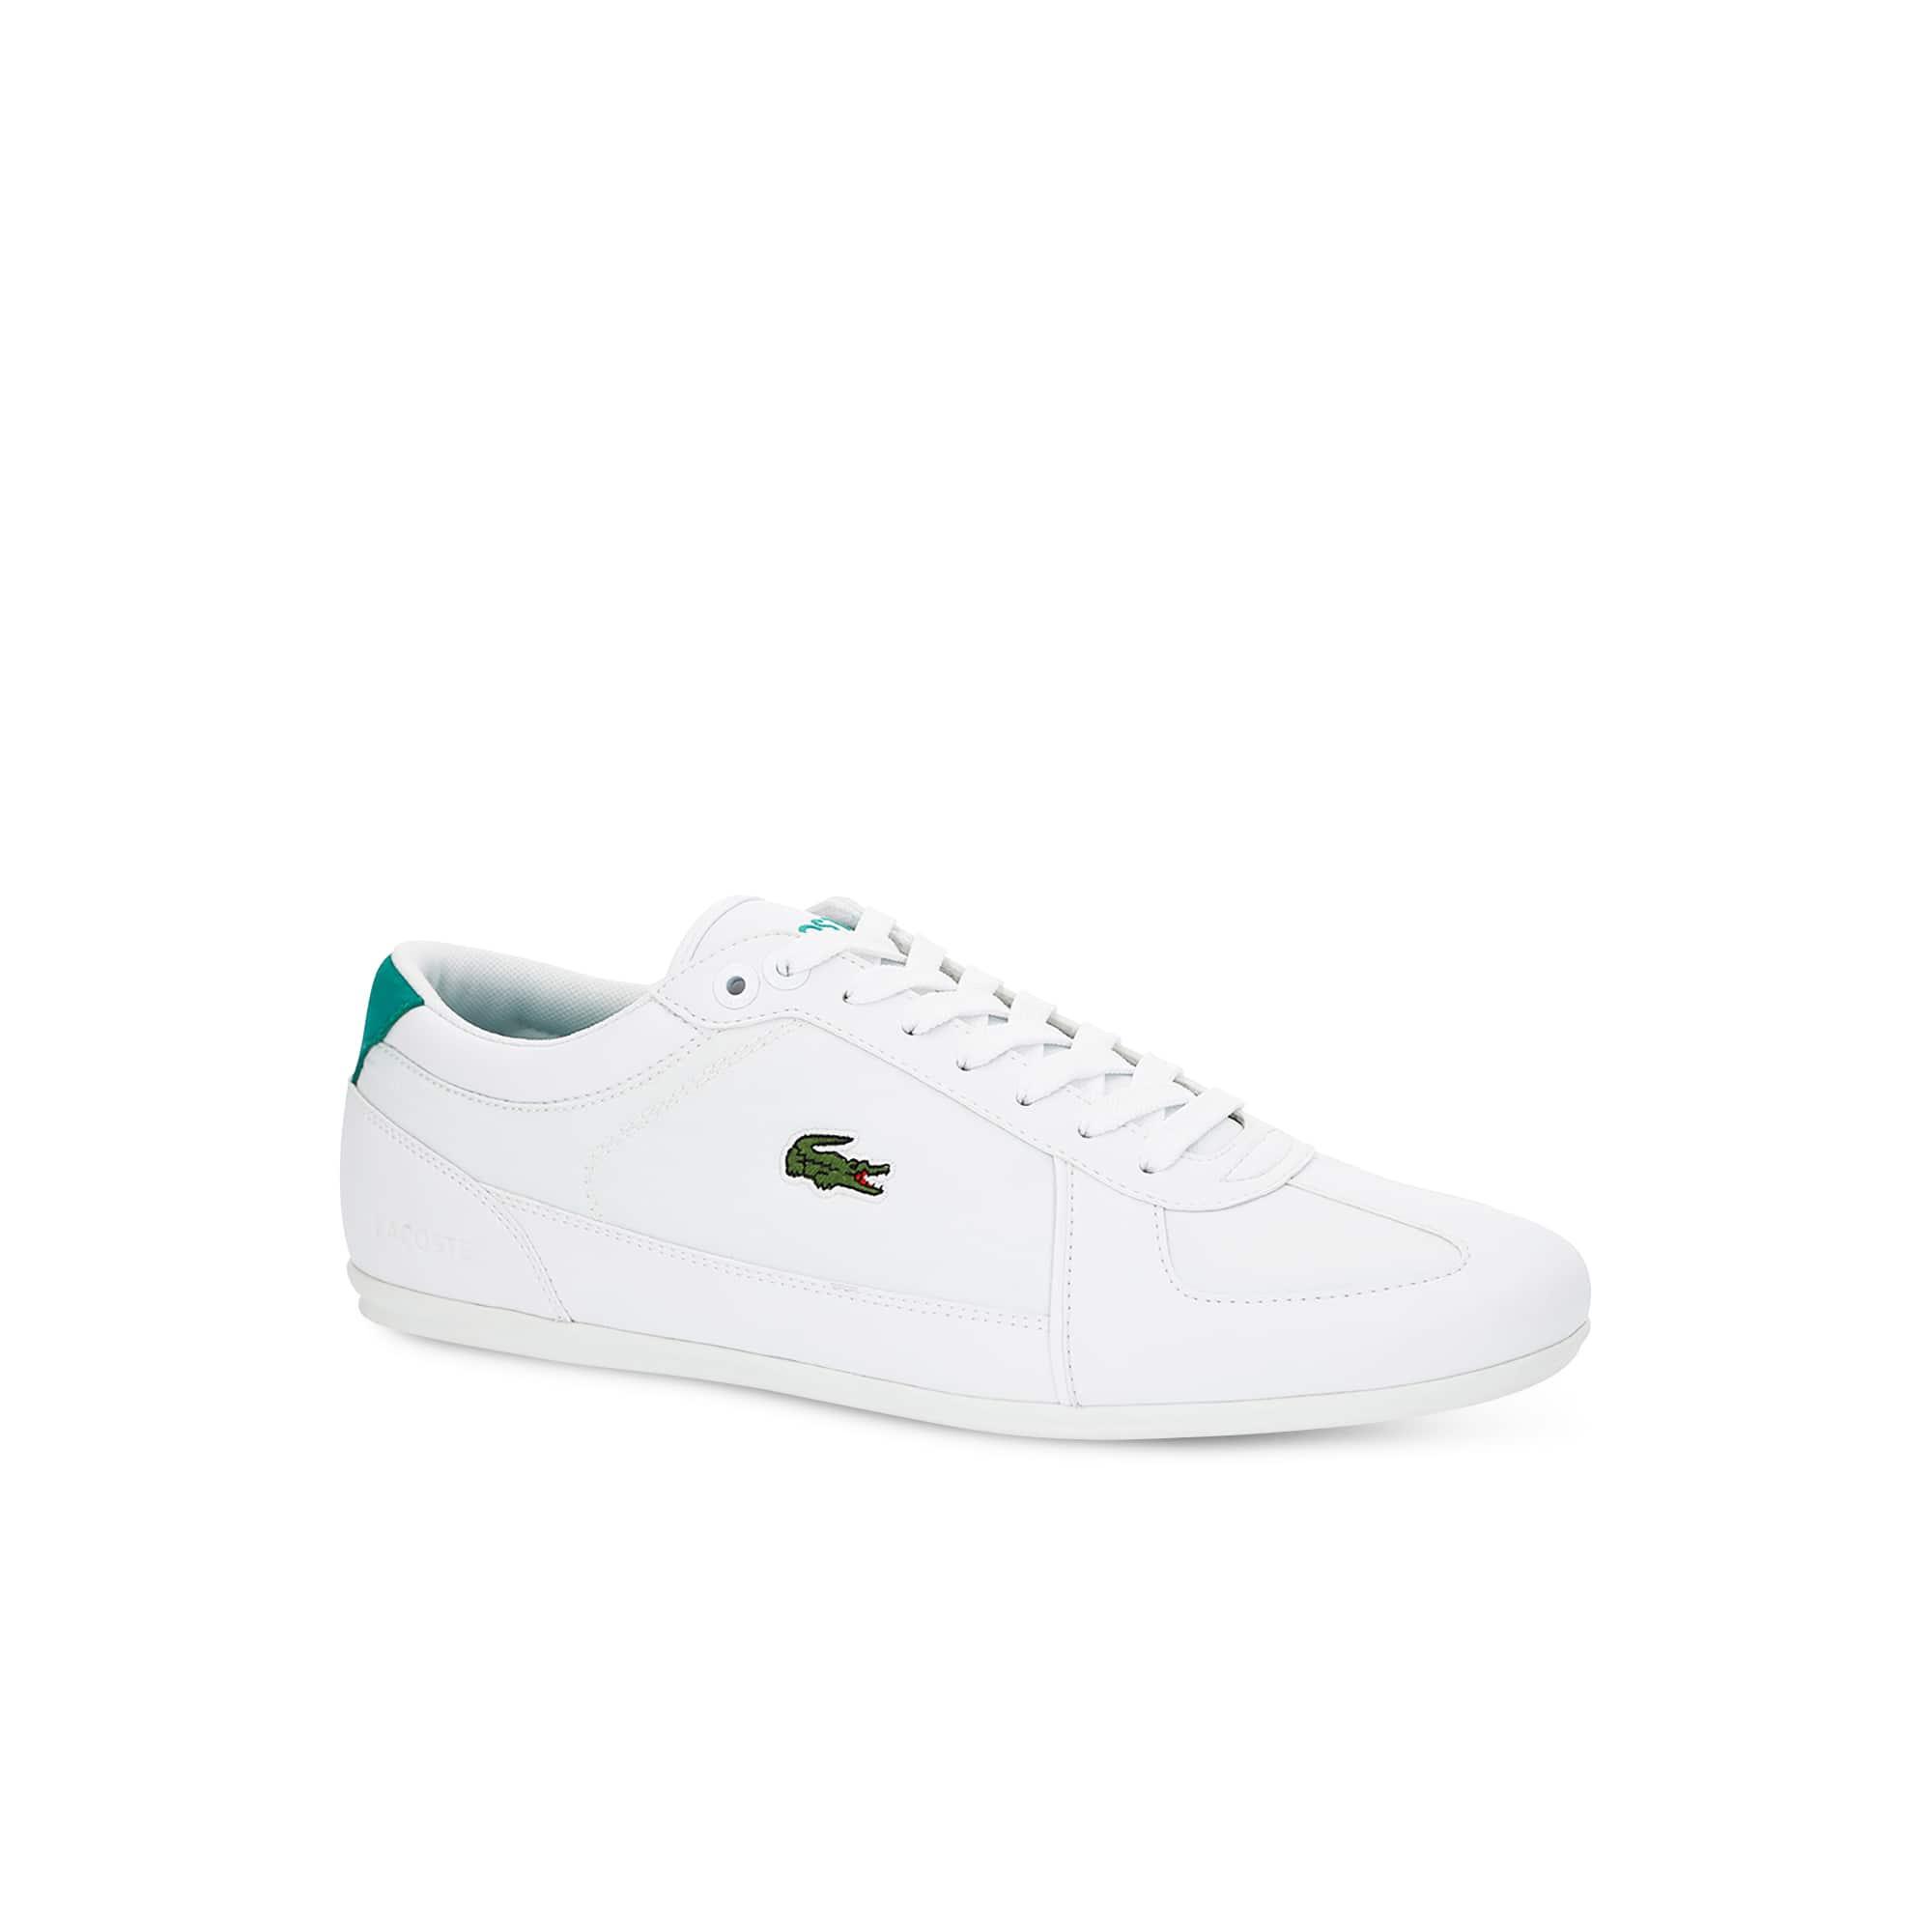 27b9731ded8 Men's Shoes on Sale | LACOSTE